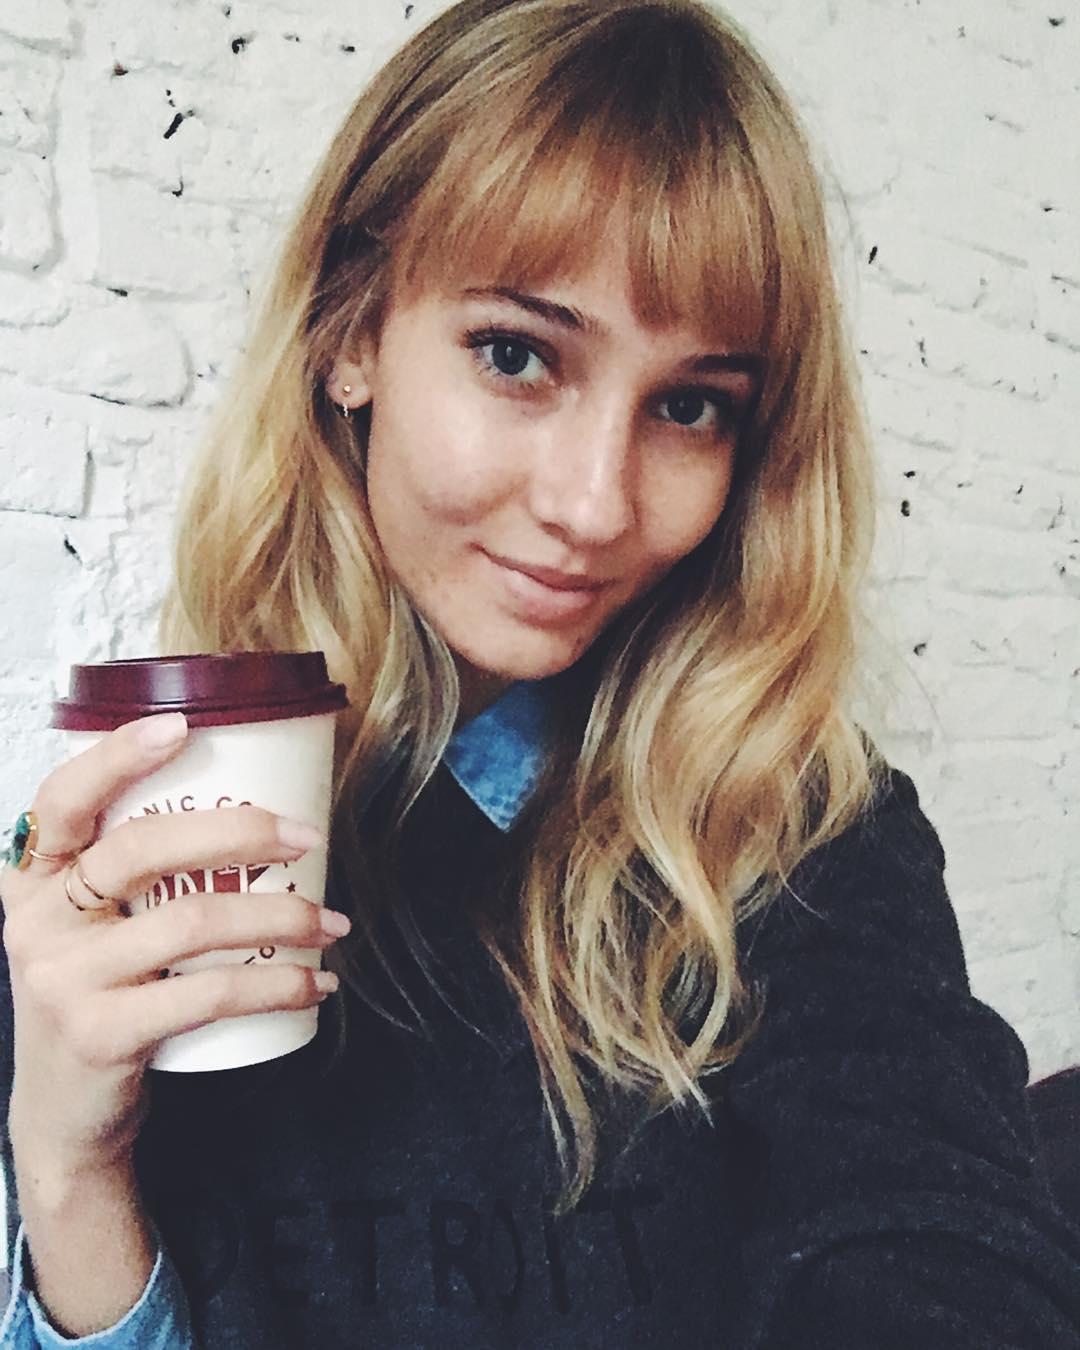 Brianna 'Bri' Barnes